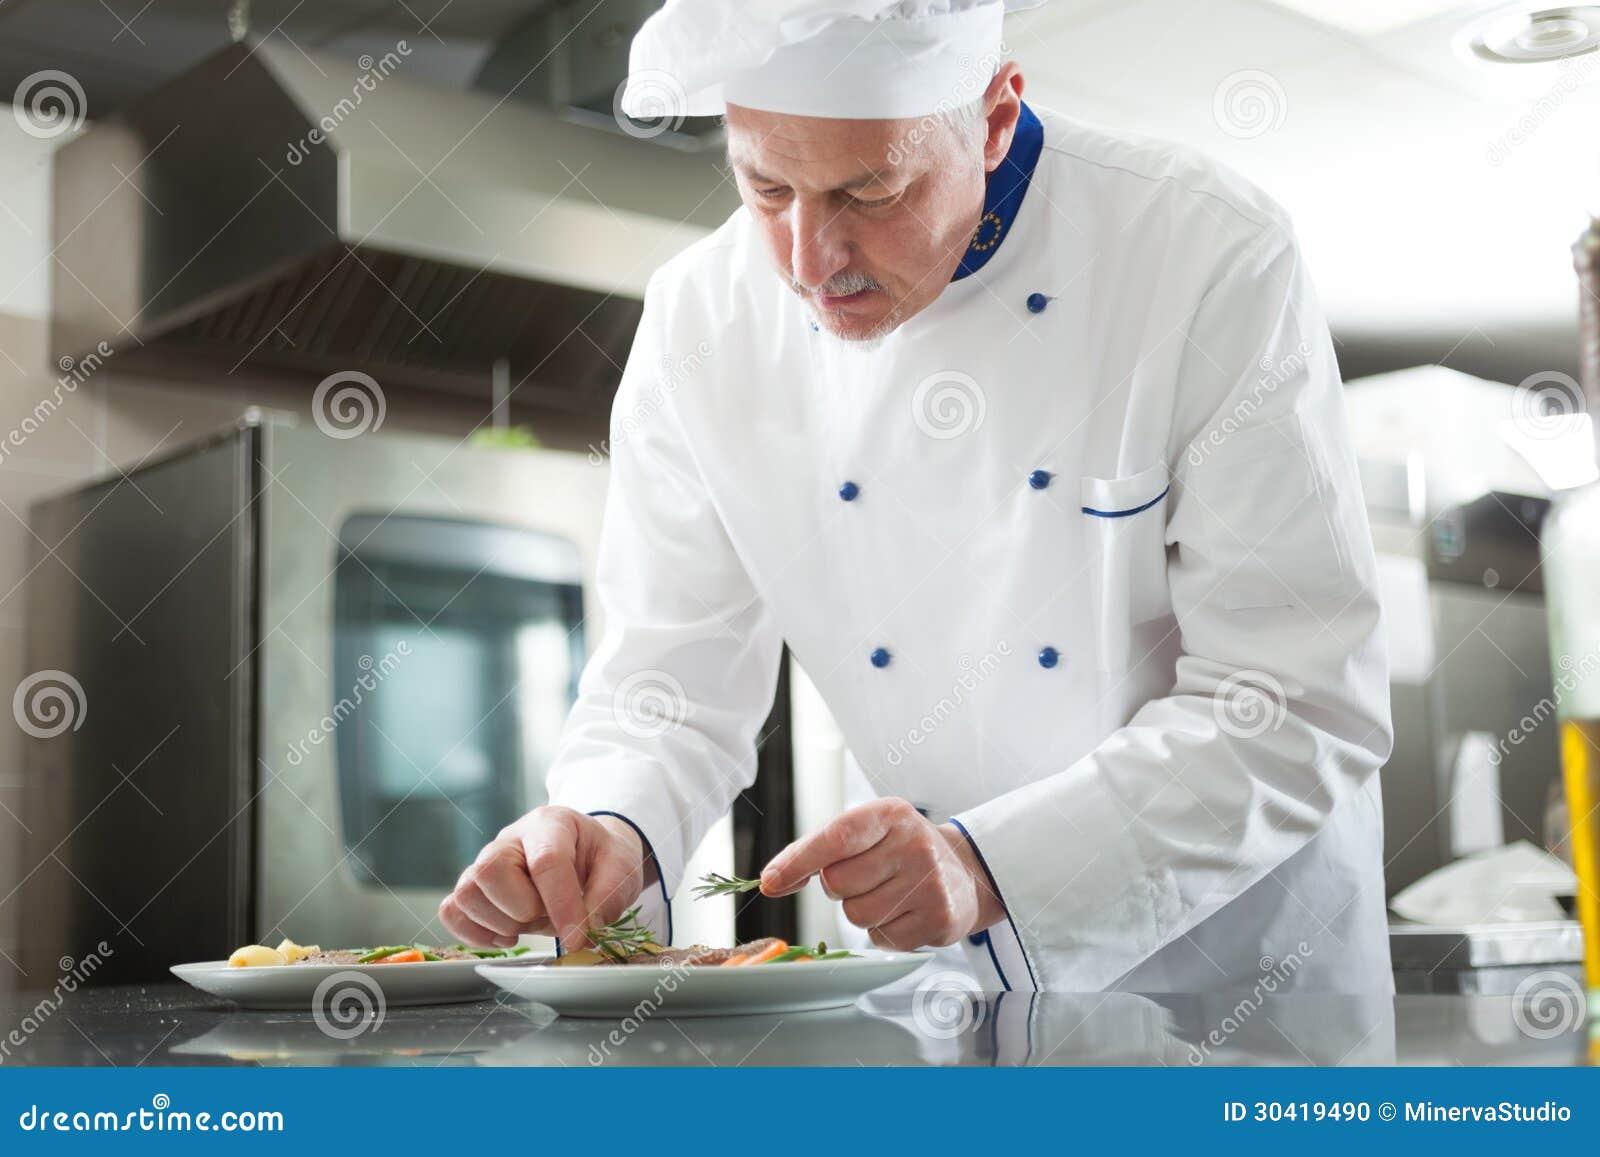 Szef kuchni garniruje naczynie